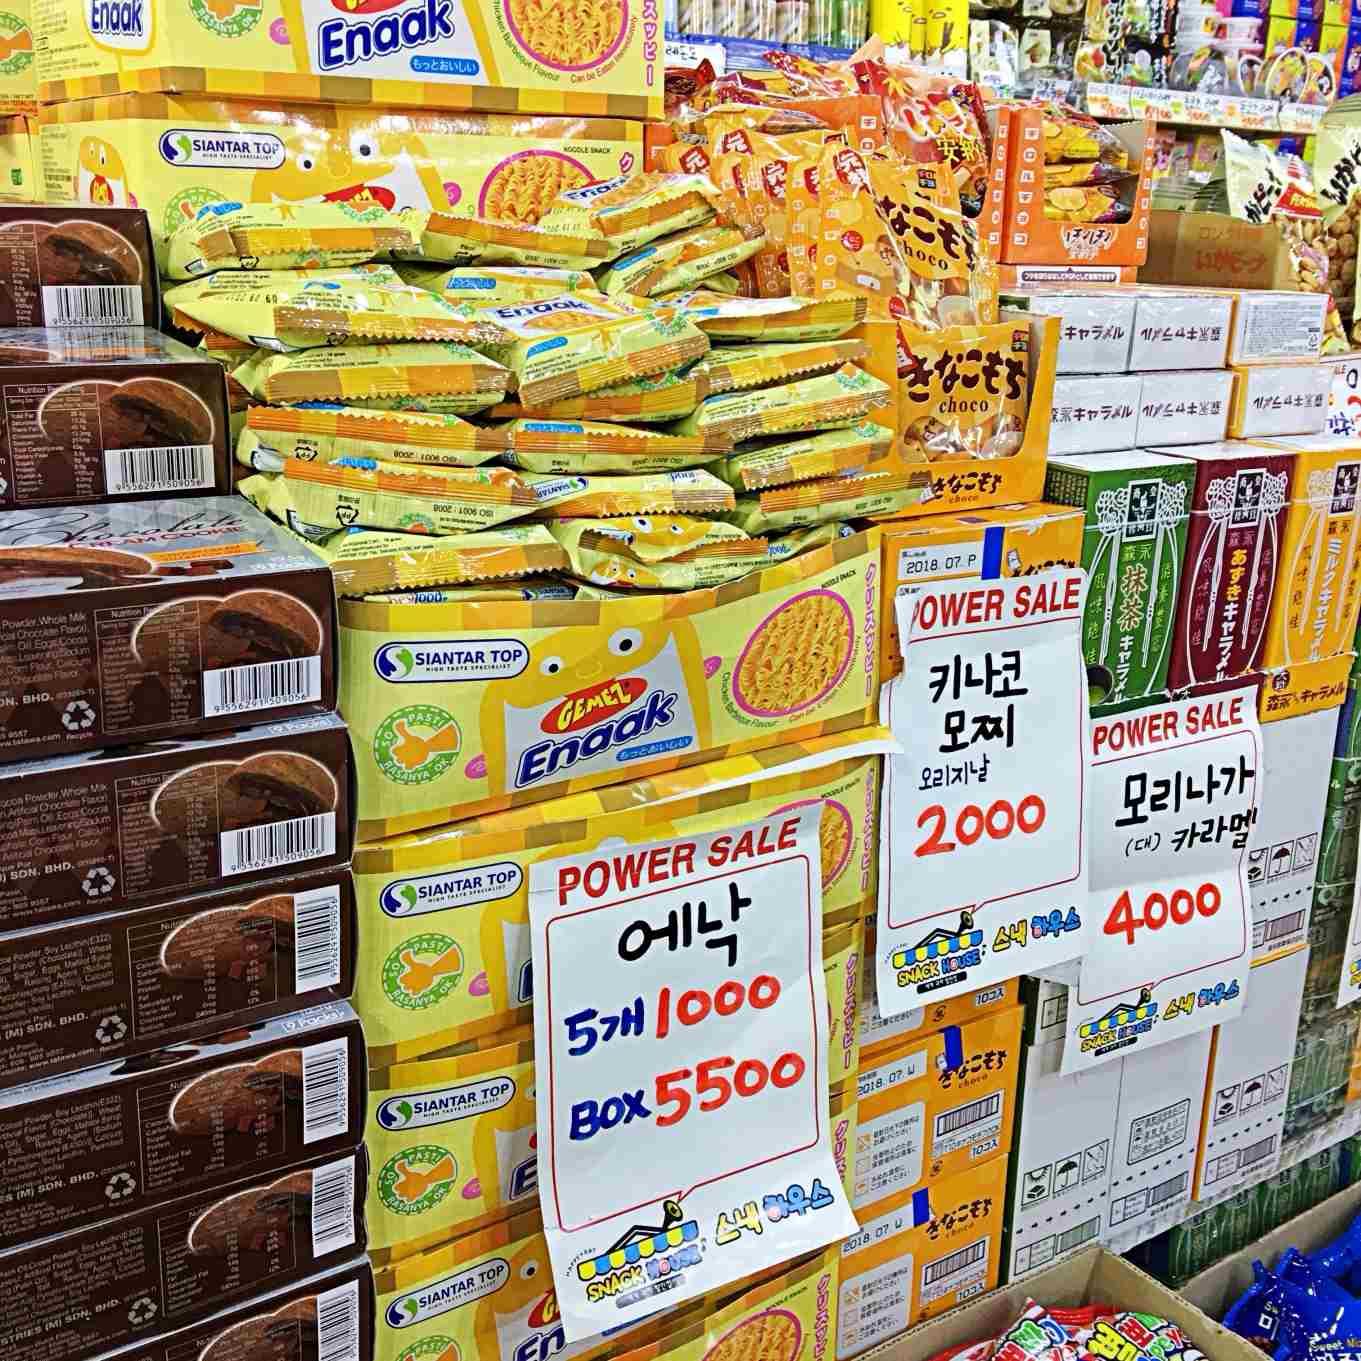 連超多人買的零食碎麵也有,還貼心的有單賣。只想試試看口味的來這邊單買小包裝,好吃再來掃貨買一整盒的回家!